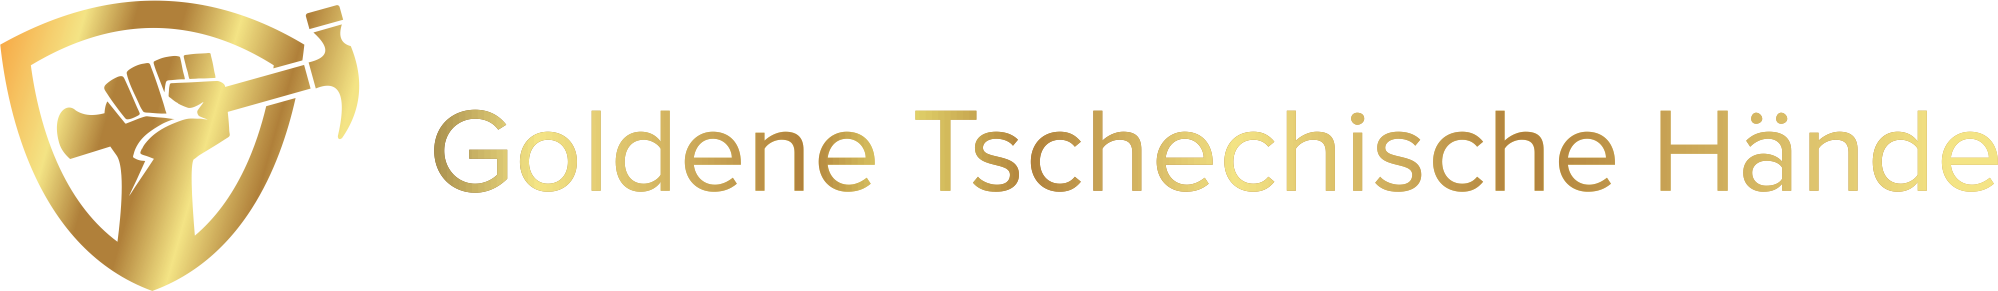 Goldene Tschechische Hände